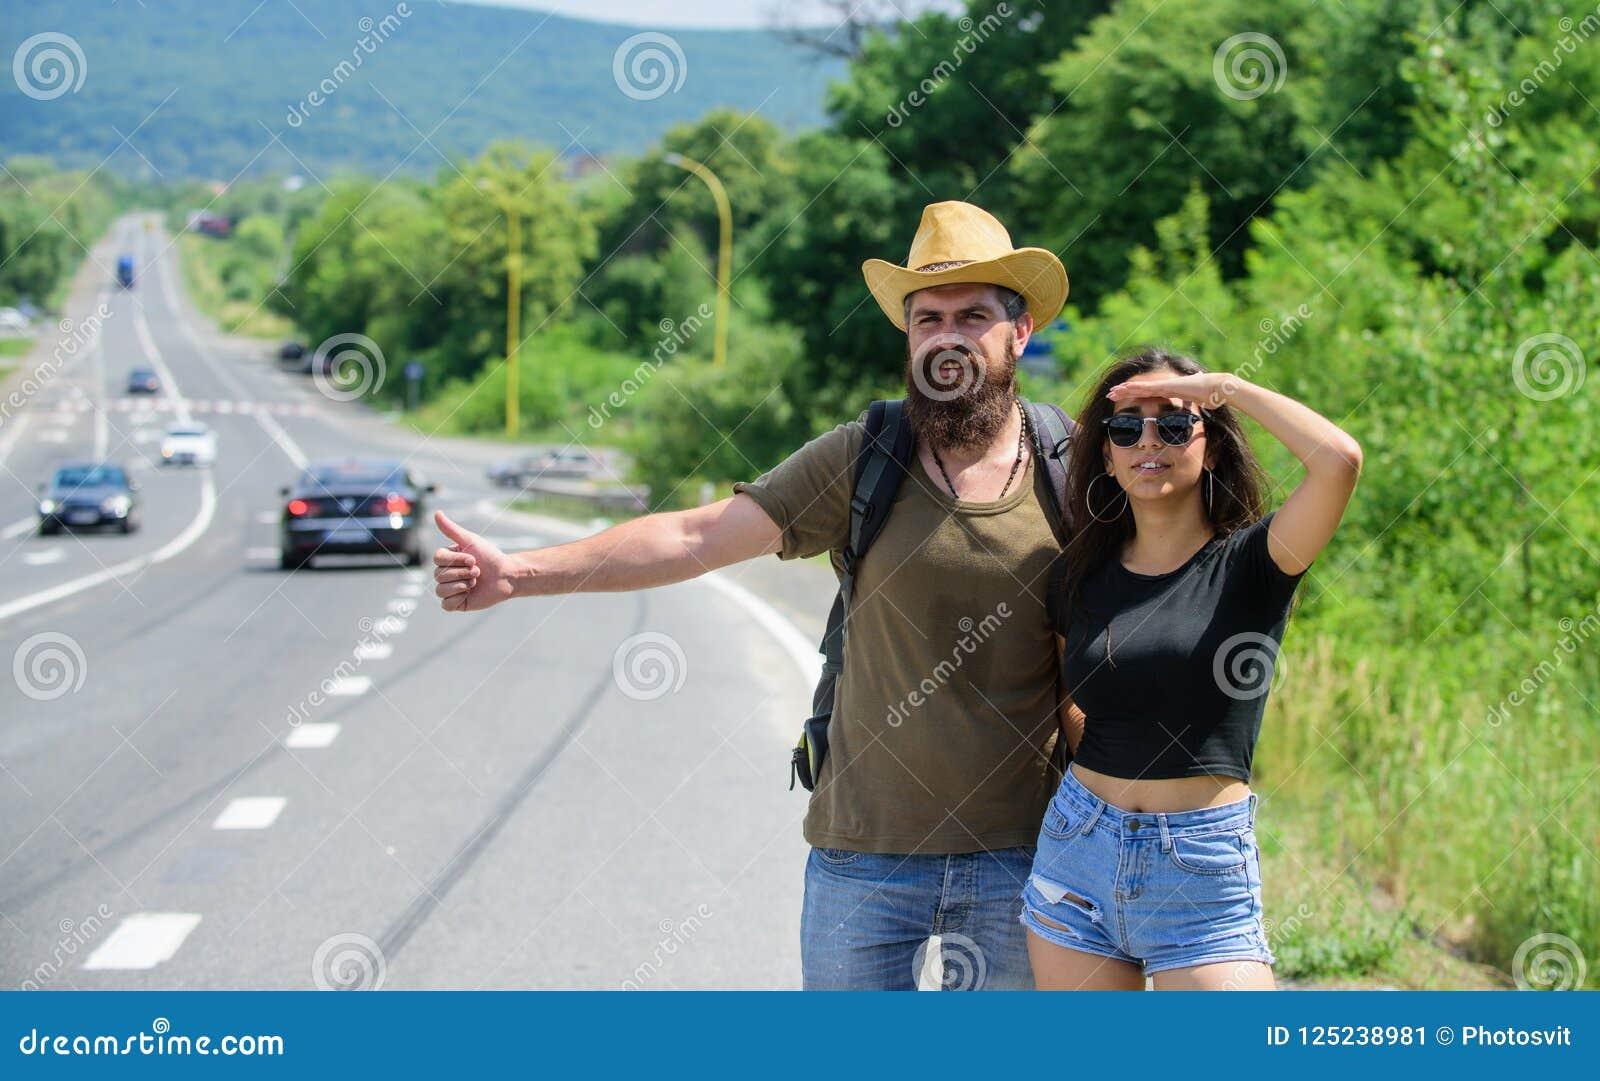 Οι ταξιδιώτες προσπαθούν να σταματήσουν το αυτοκίνητο Να κάνει ωτοστόπ είναι ένας από τους φτηνότερους τρόπους Hitchhikers ζεύγου